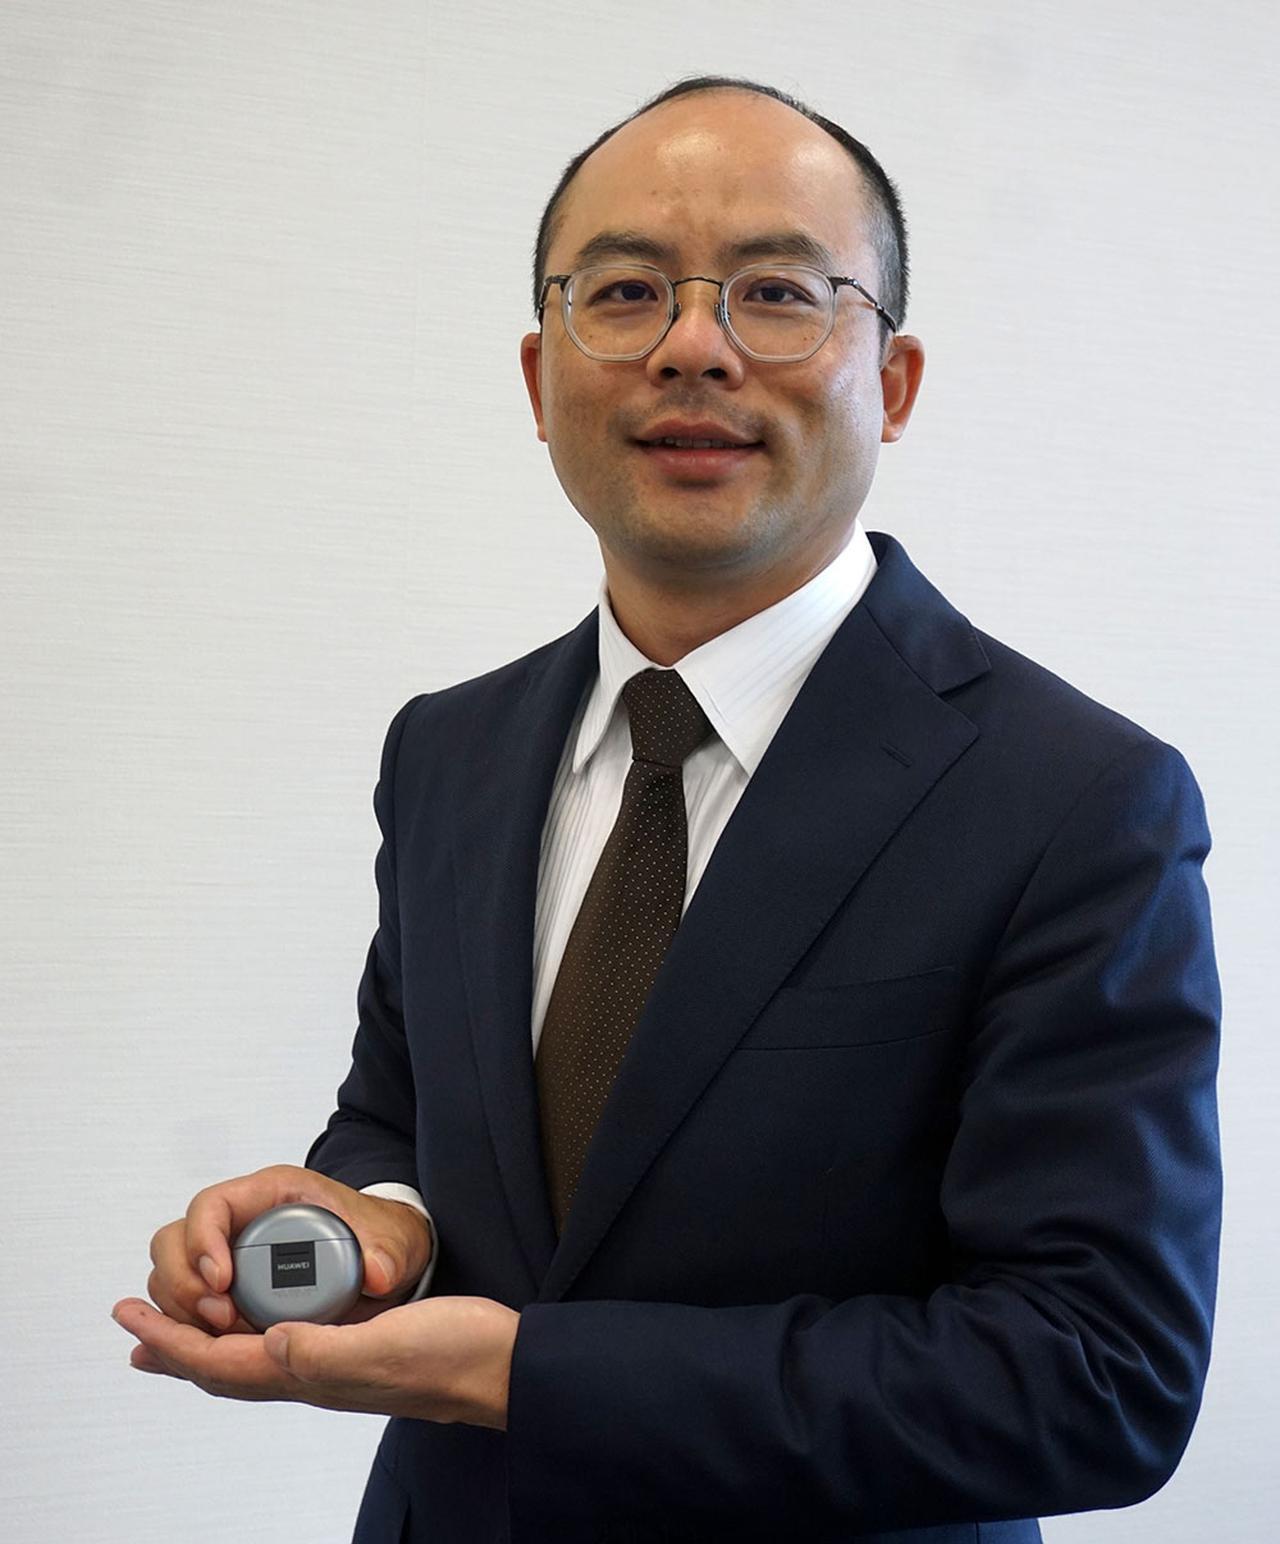 画像: 取材に協力いただいた、華為技術日本株式会社 ファーウェイデバイス日本・韓国リージョン プレジデントの楊 涛(ヤン・タオ)さん